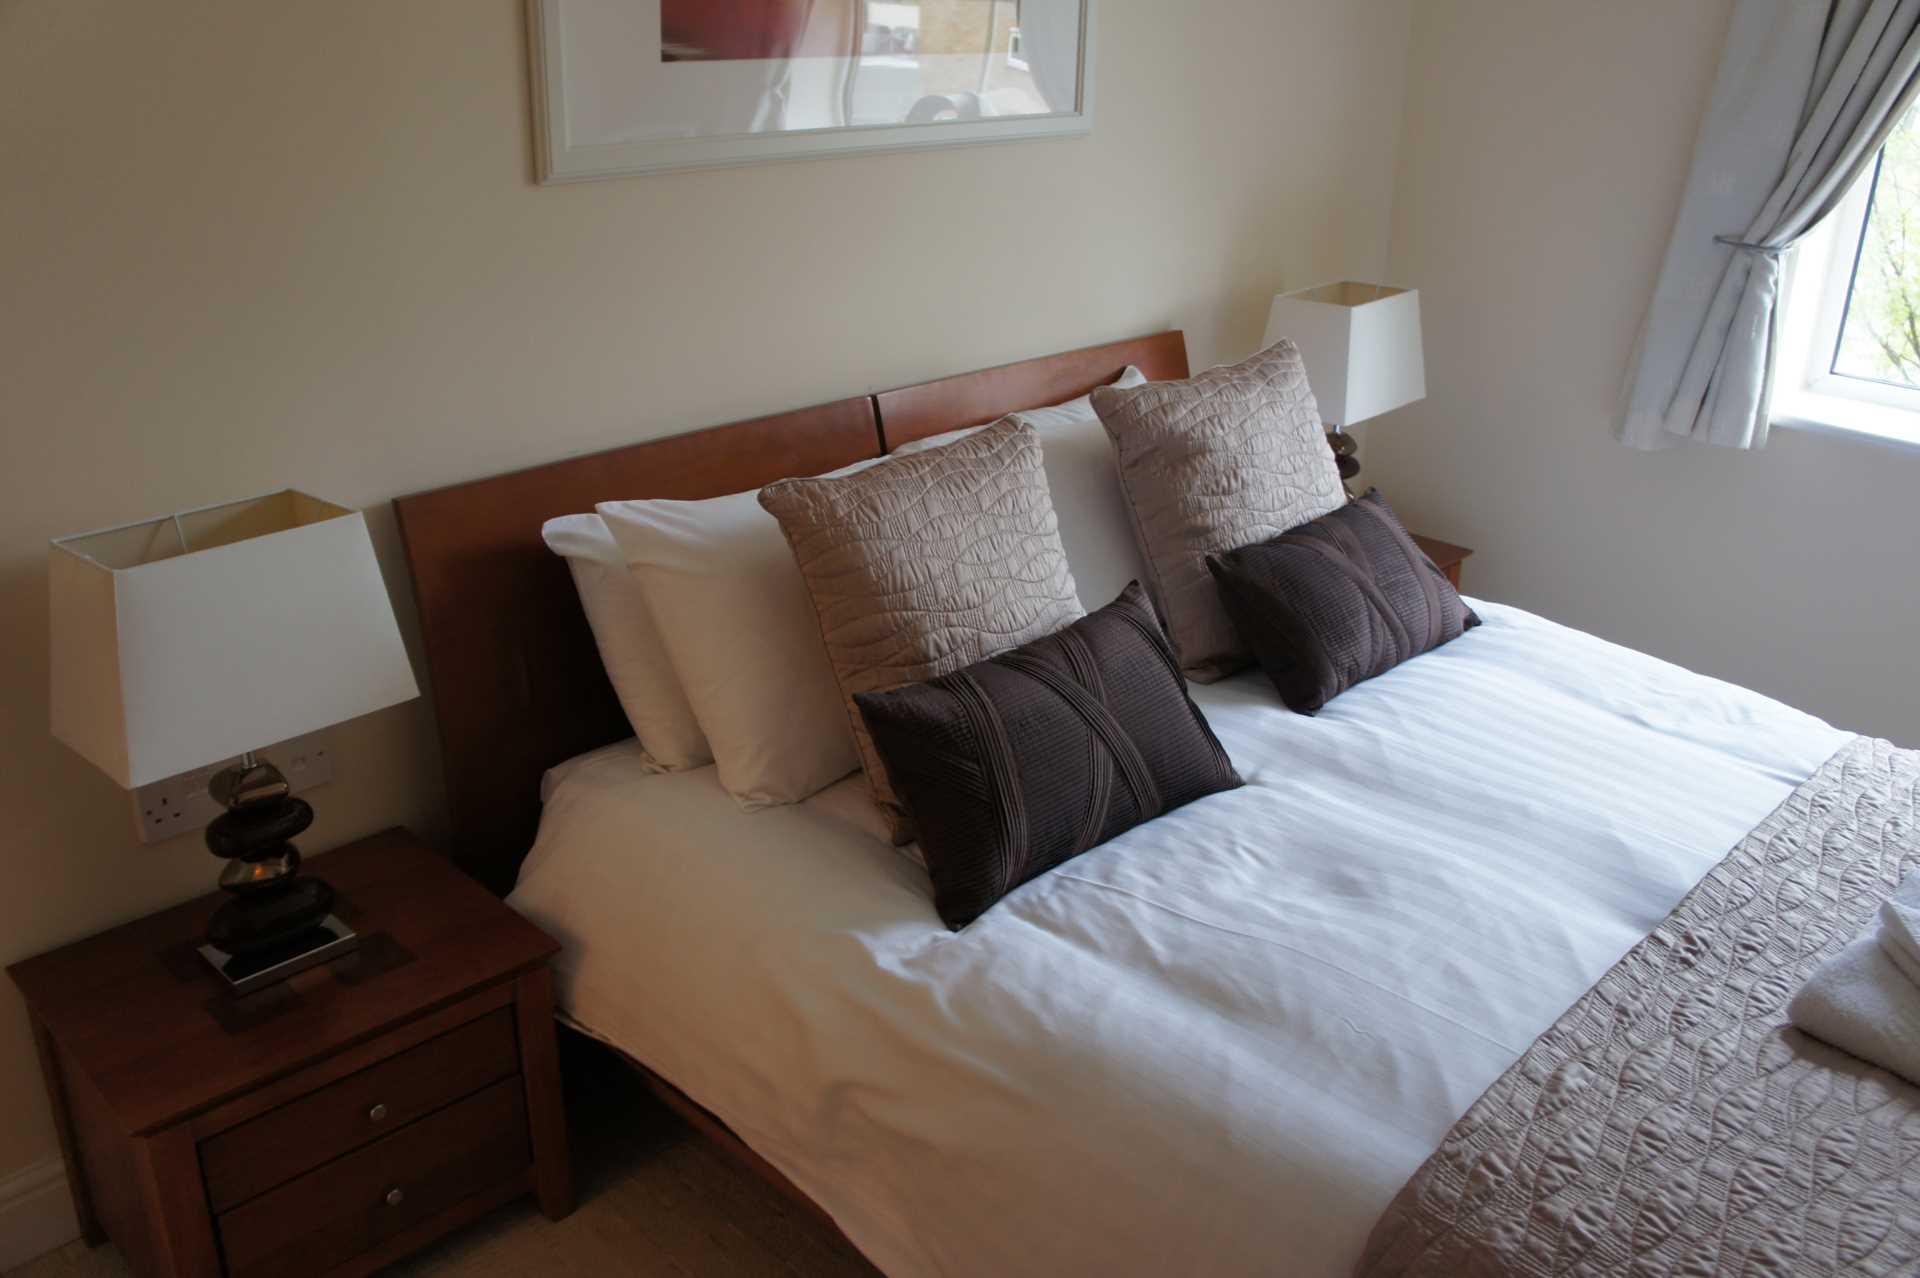 Ensuite Room Redhill Rent